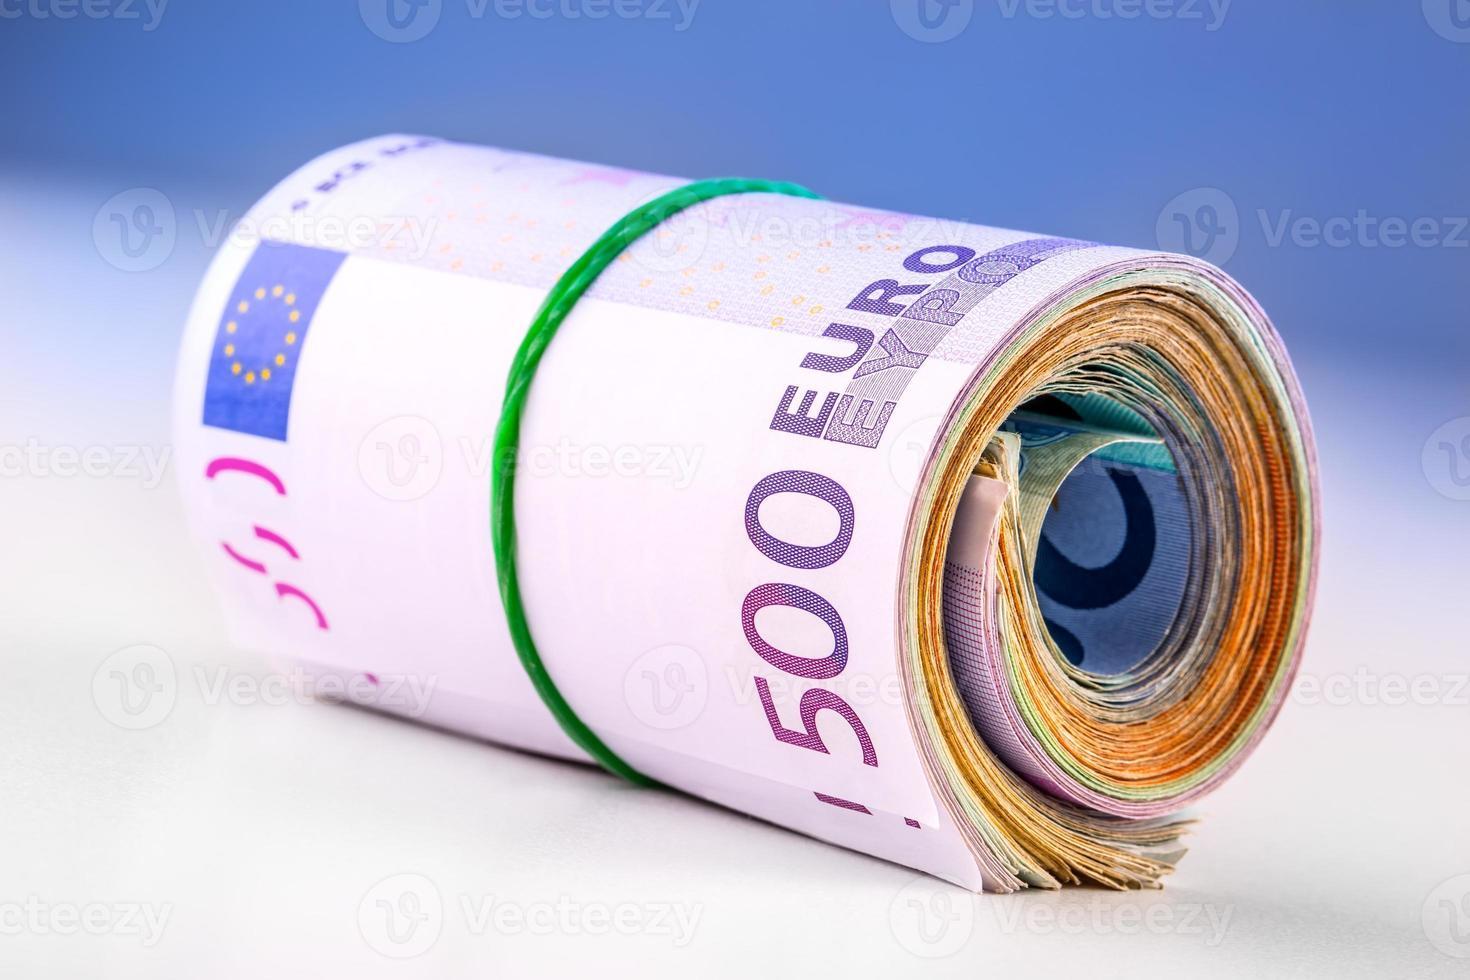 gerollte Euro-Banknoten mehrere tausend. foto